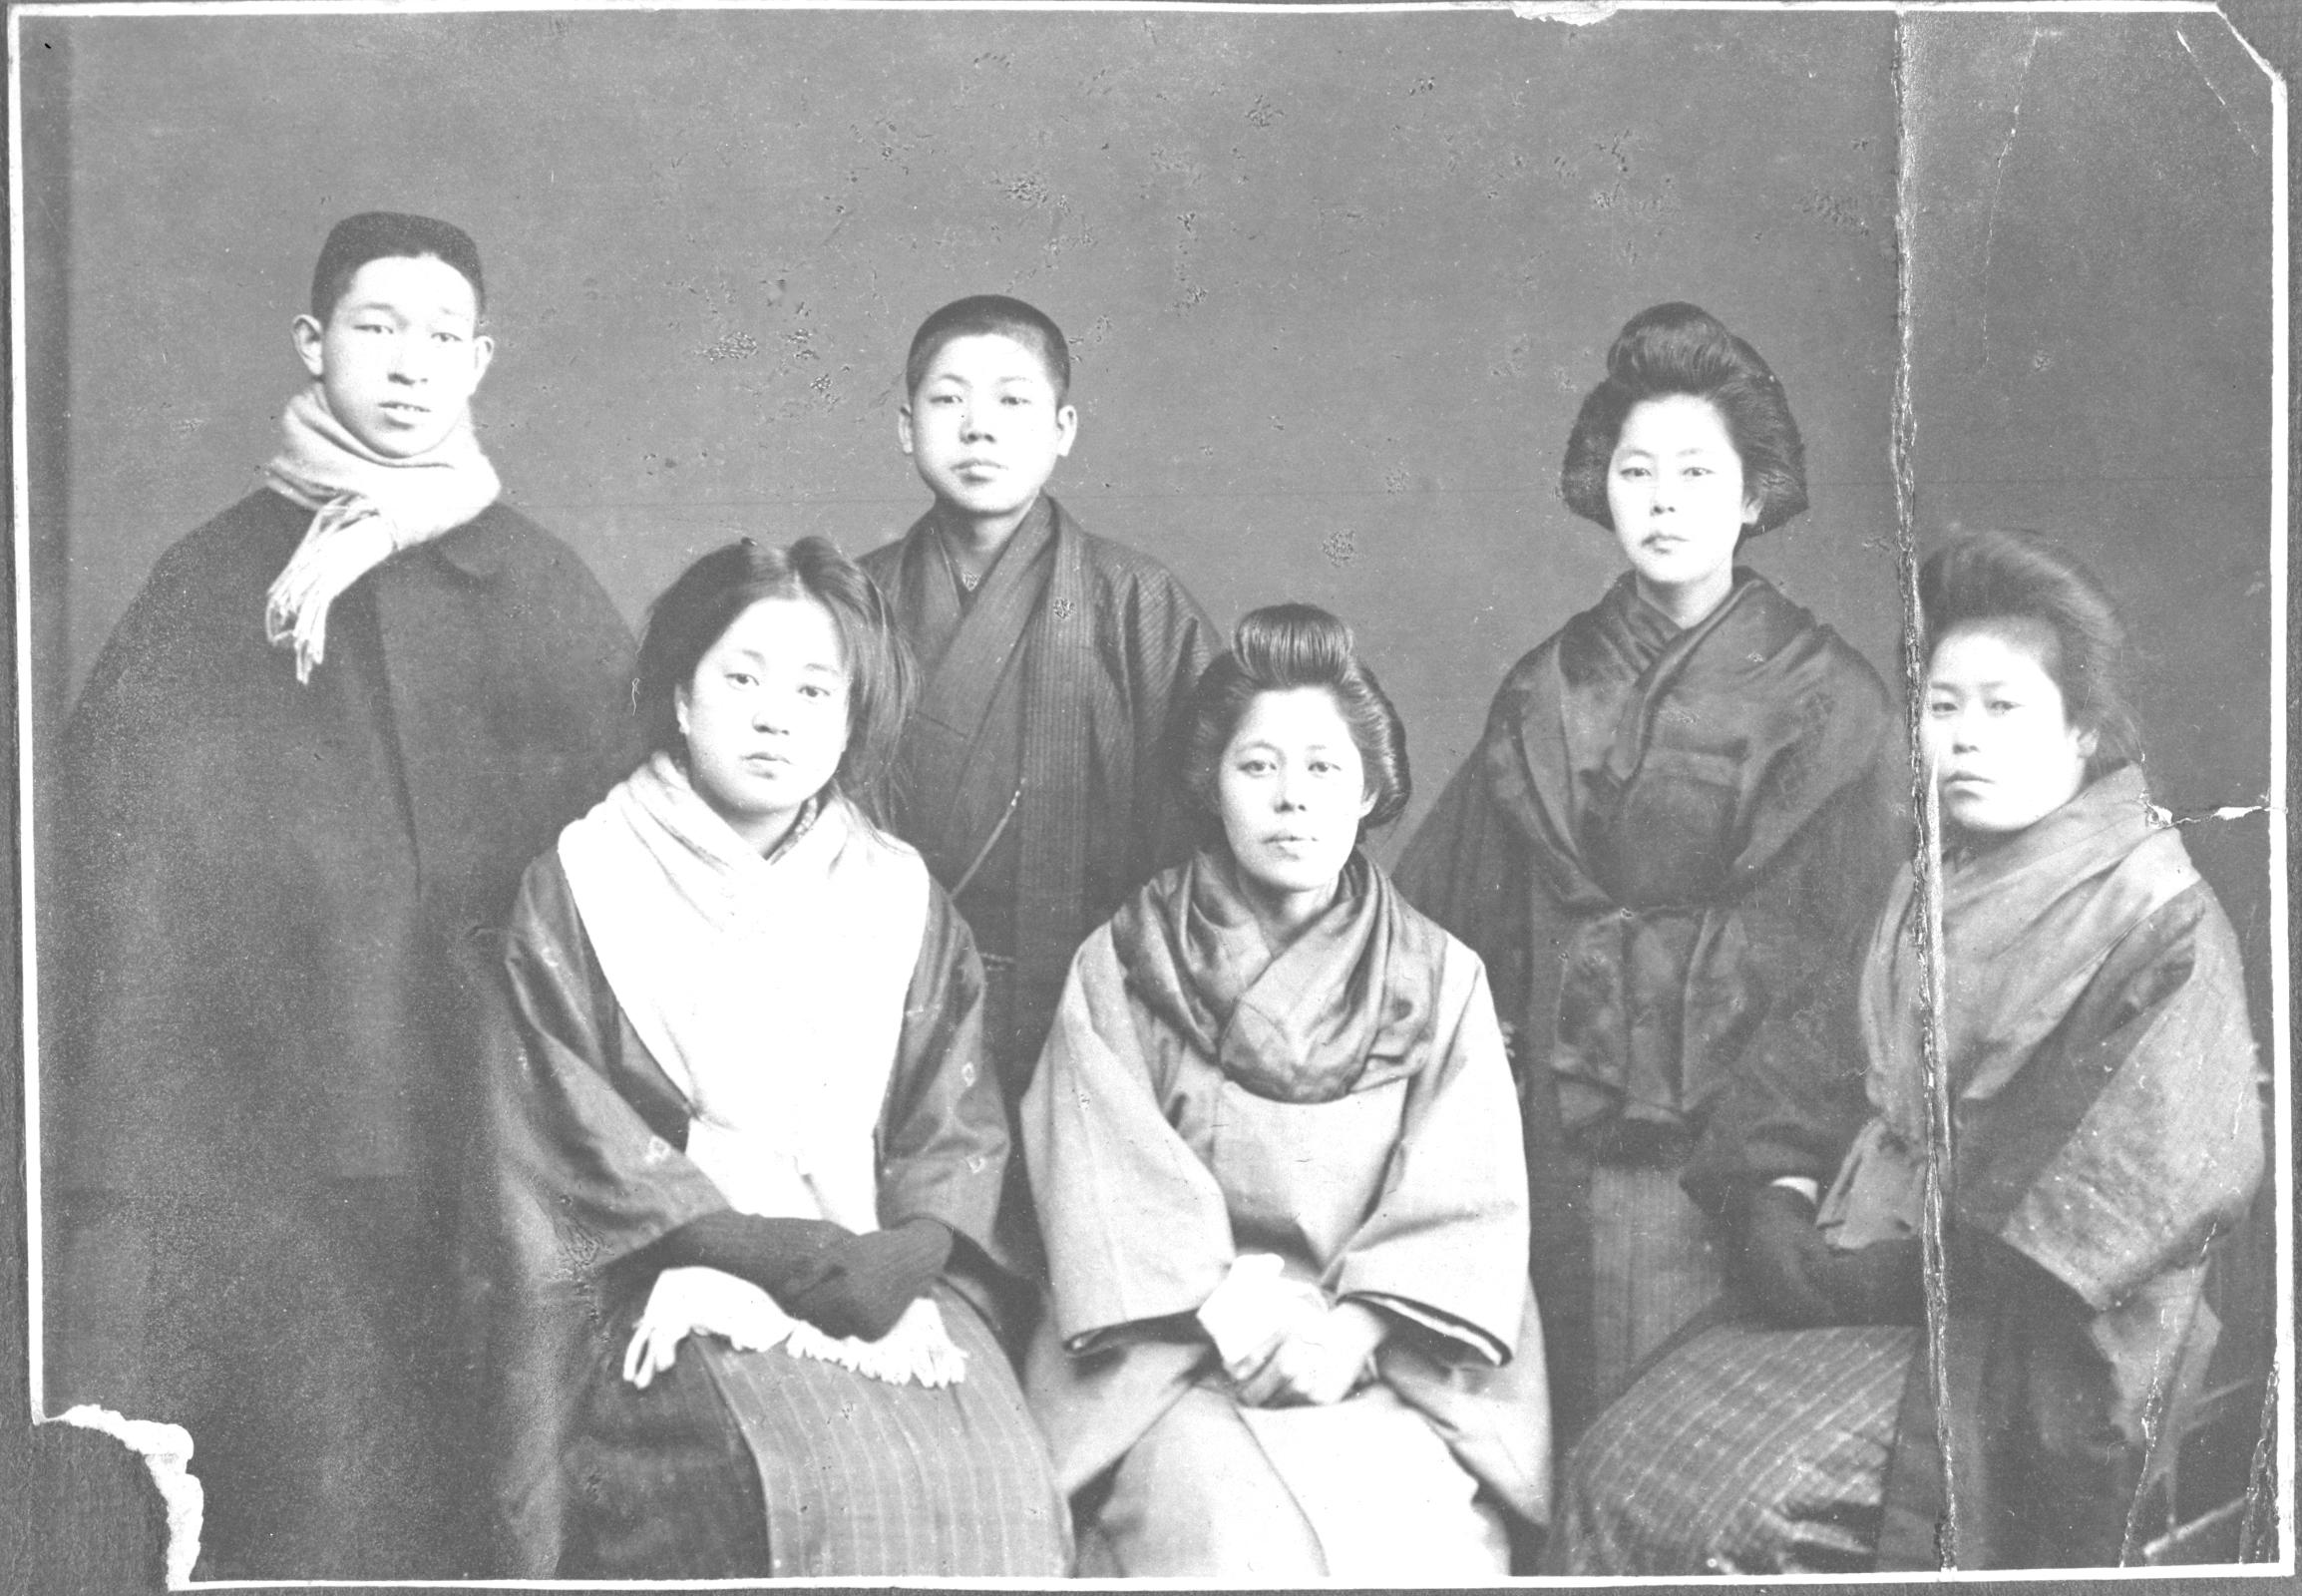 photo: Konosuke Matsushita, his brother-in-law Toshio Iue, and his wife Mumeno Matsushita.